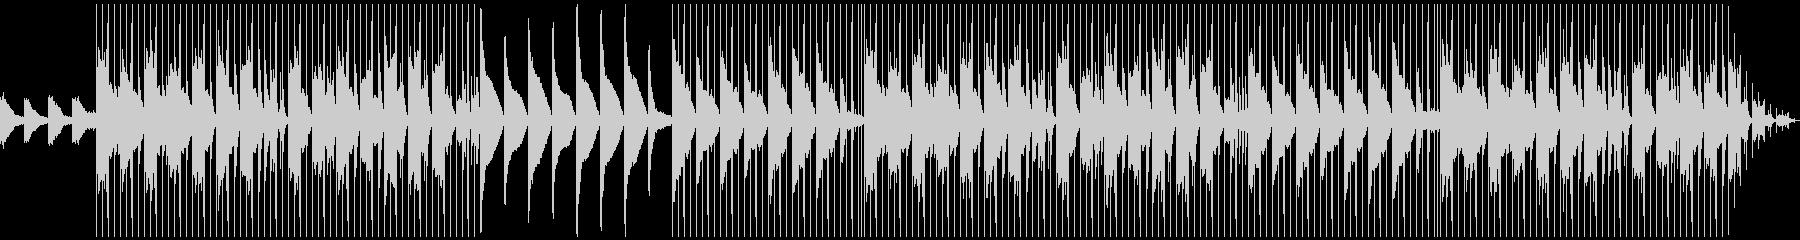 ピアノを使った神秘的な朝のLo-Fiの未再生の波形